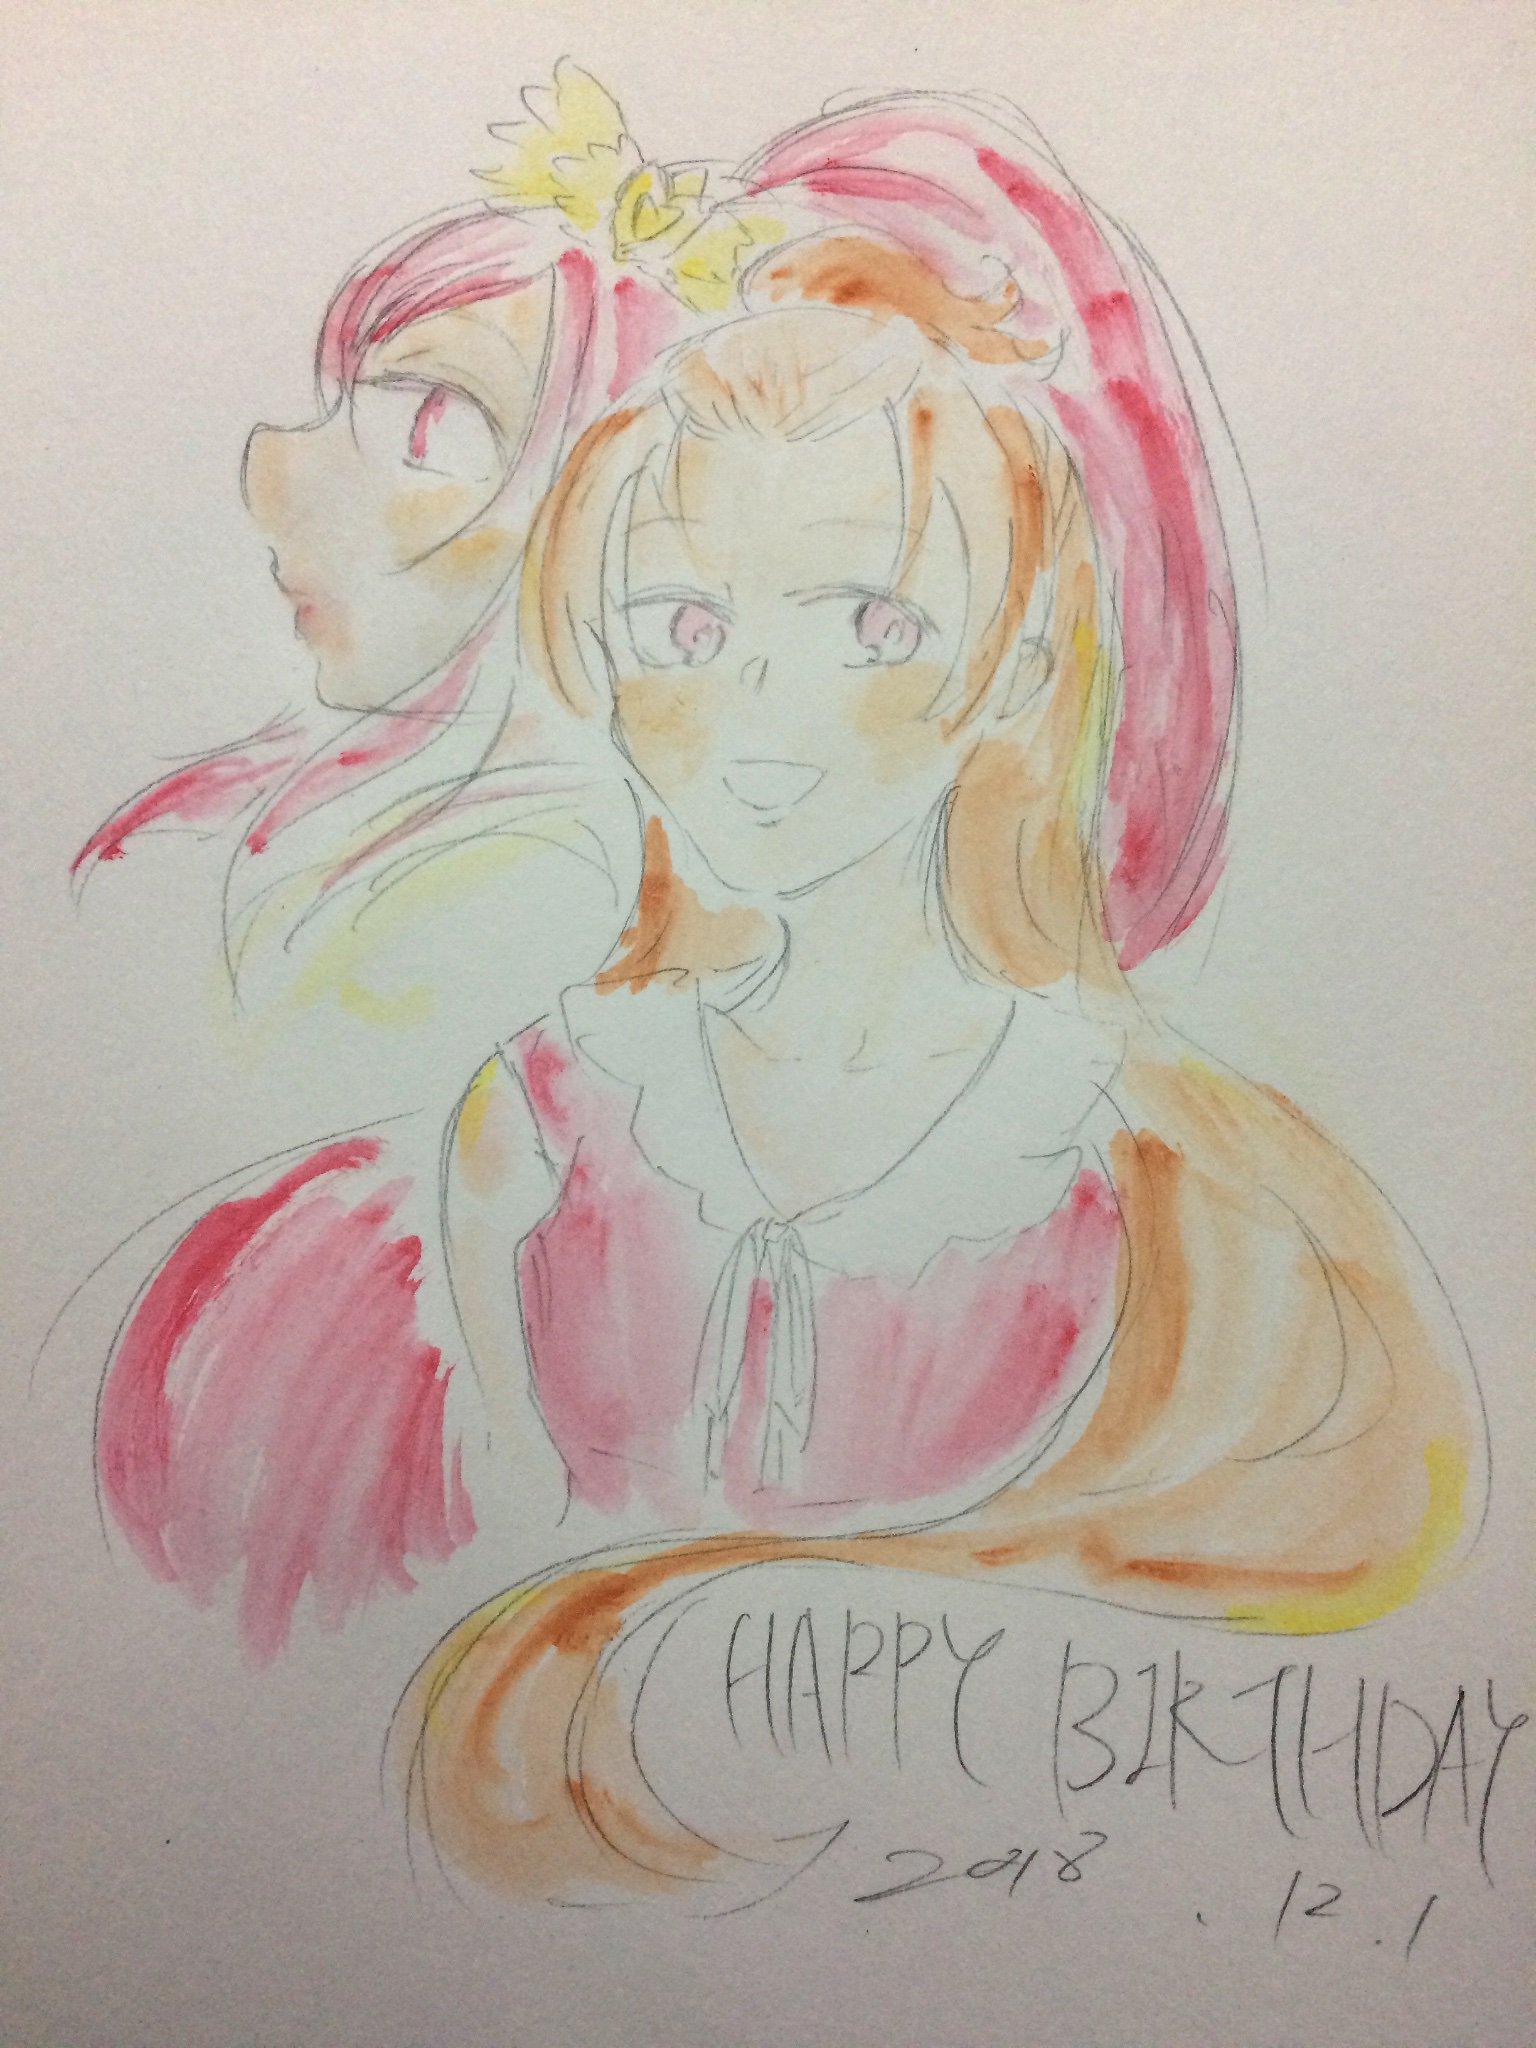 藍桜@文st描いたで。 (@AIRA_pizza1031)さんのイラスト